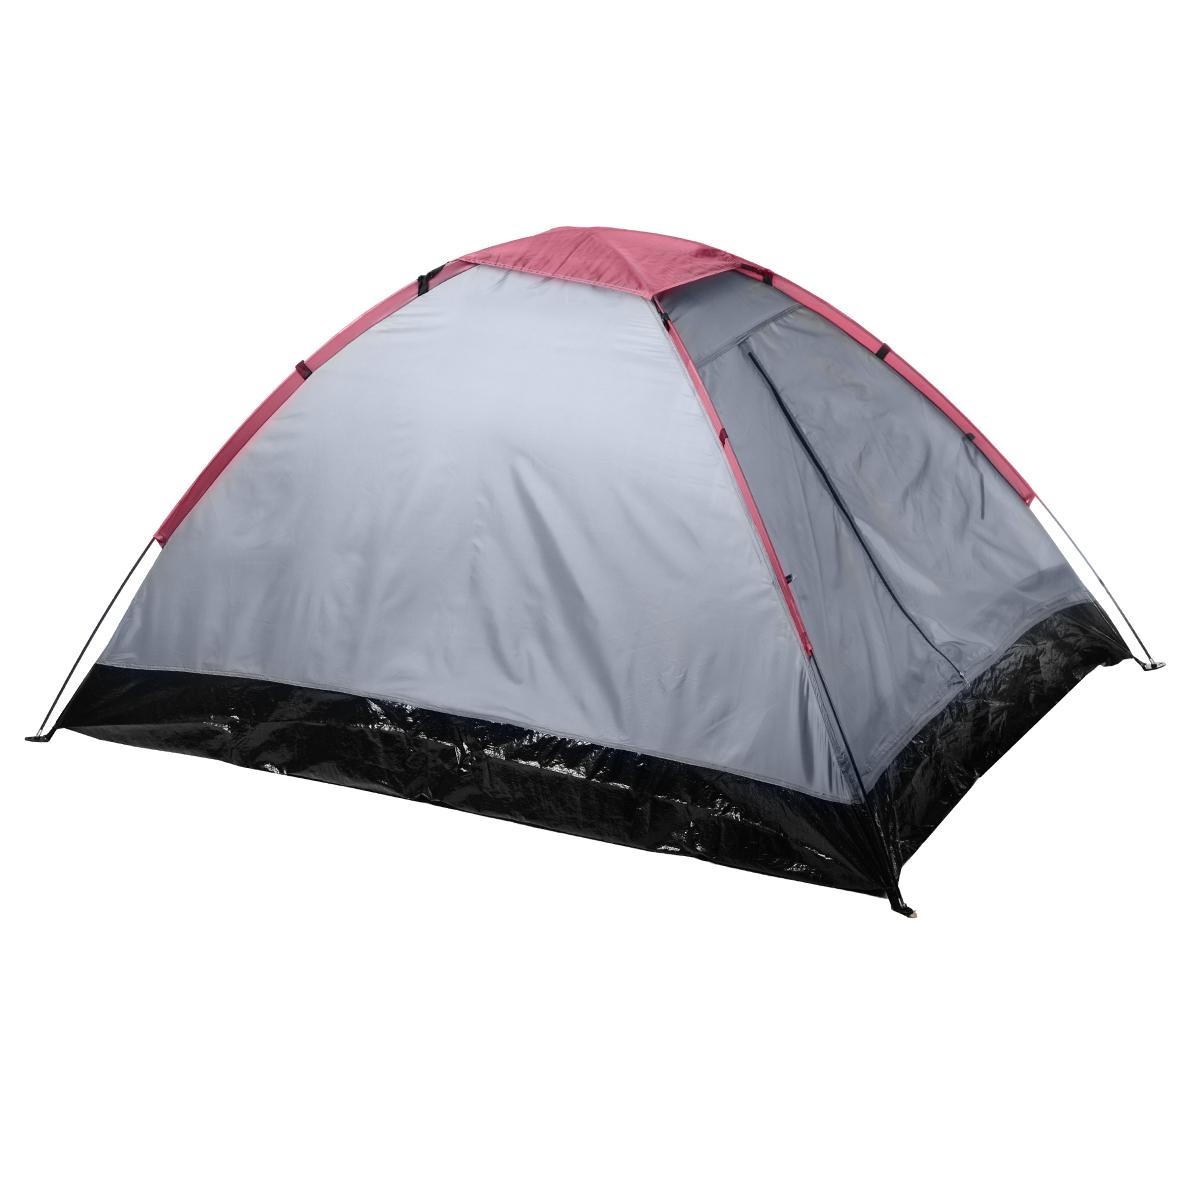 Палатка двухместная однослойная RekingKOCAc6009LEDУниверсальная палатка для Reking туристических походов. Имеет минимальный вес среди всех туристических палаток с фибергласовыми дугами, при этом обеспечивая оптимальное пространство пользователям.Материал тента: полиэстер 190 PU;Материал дна: PEМатериал дуг: фиберглас 6,9 мм.